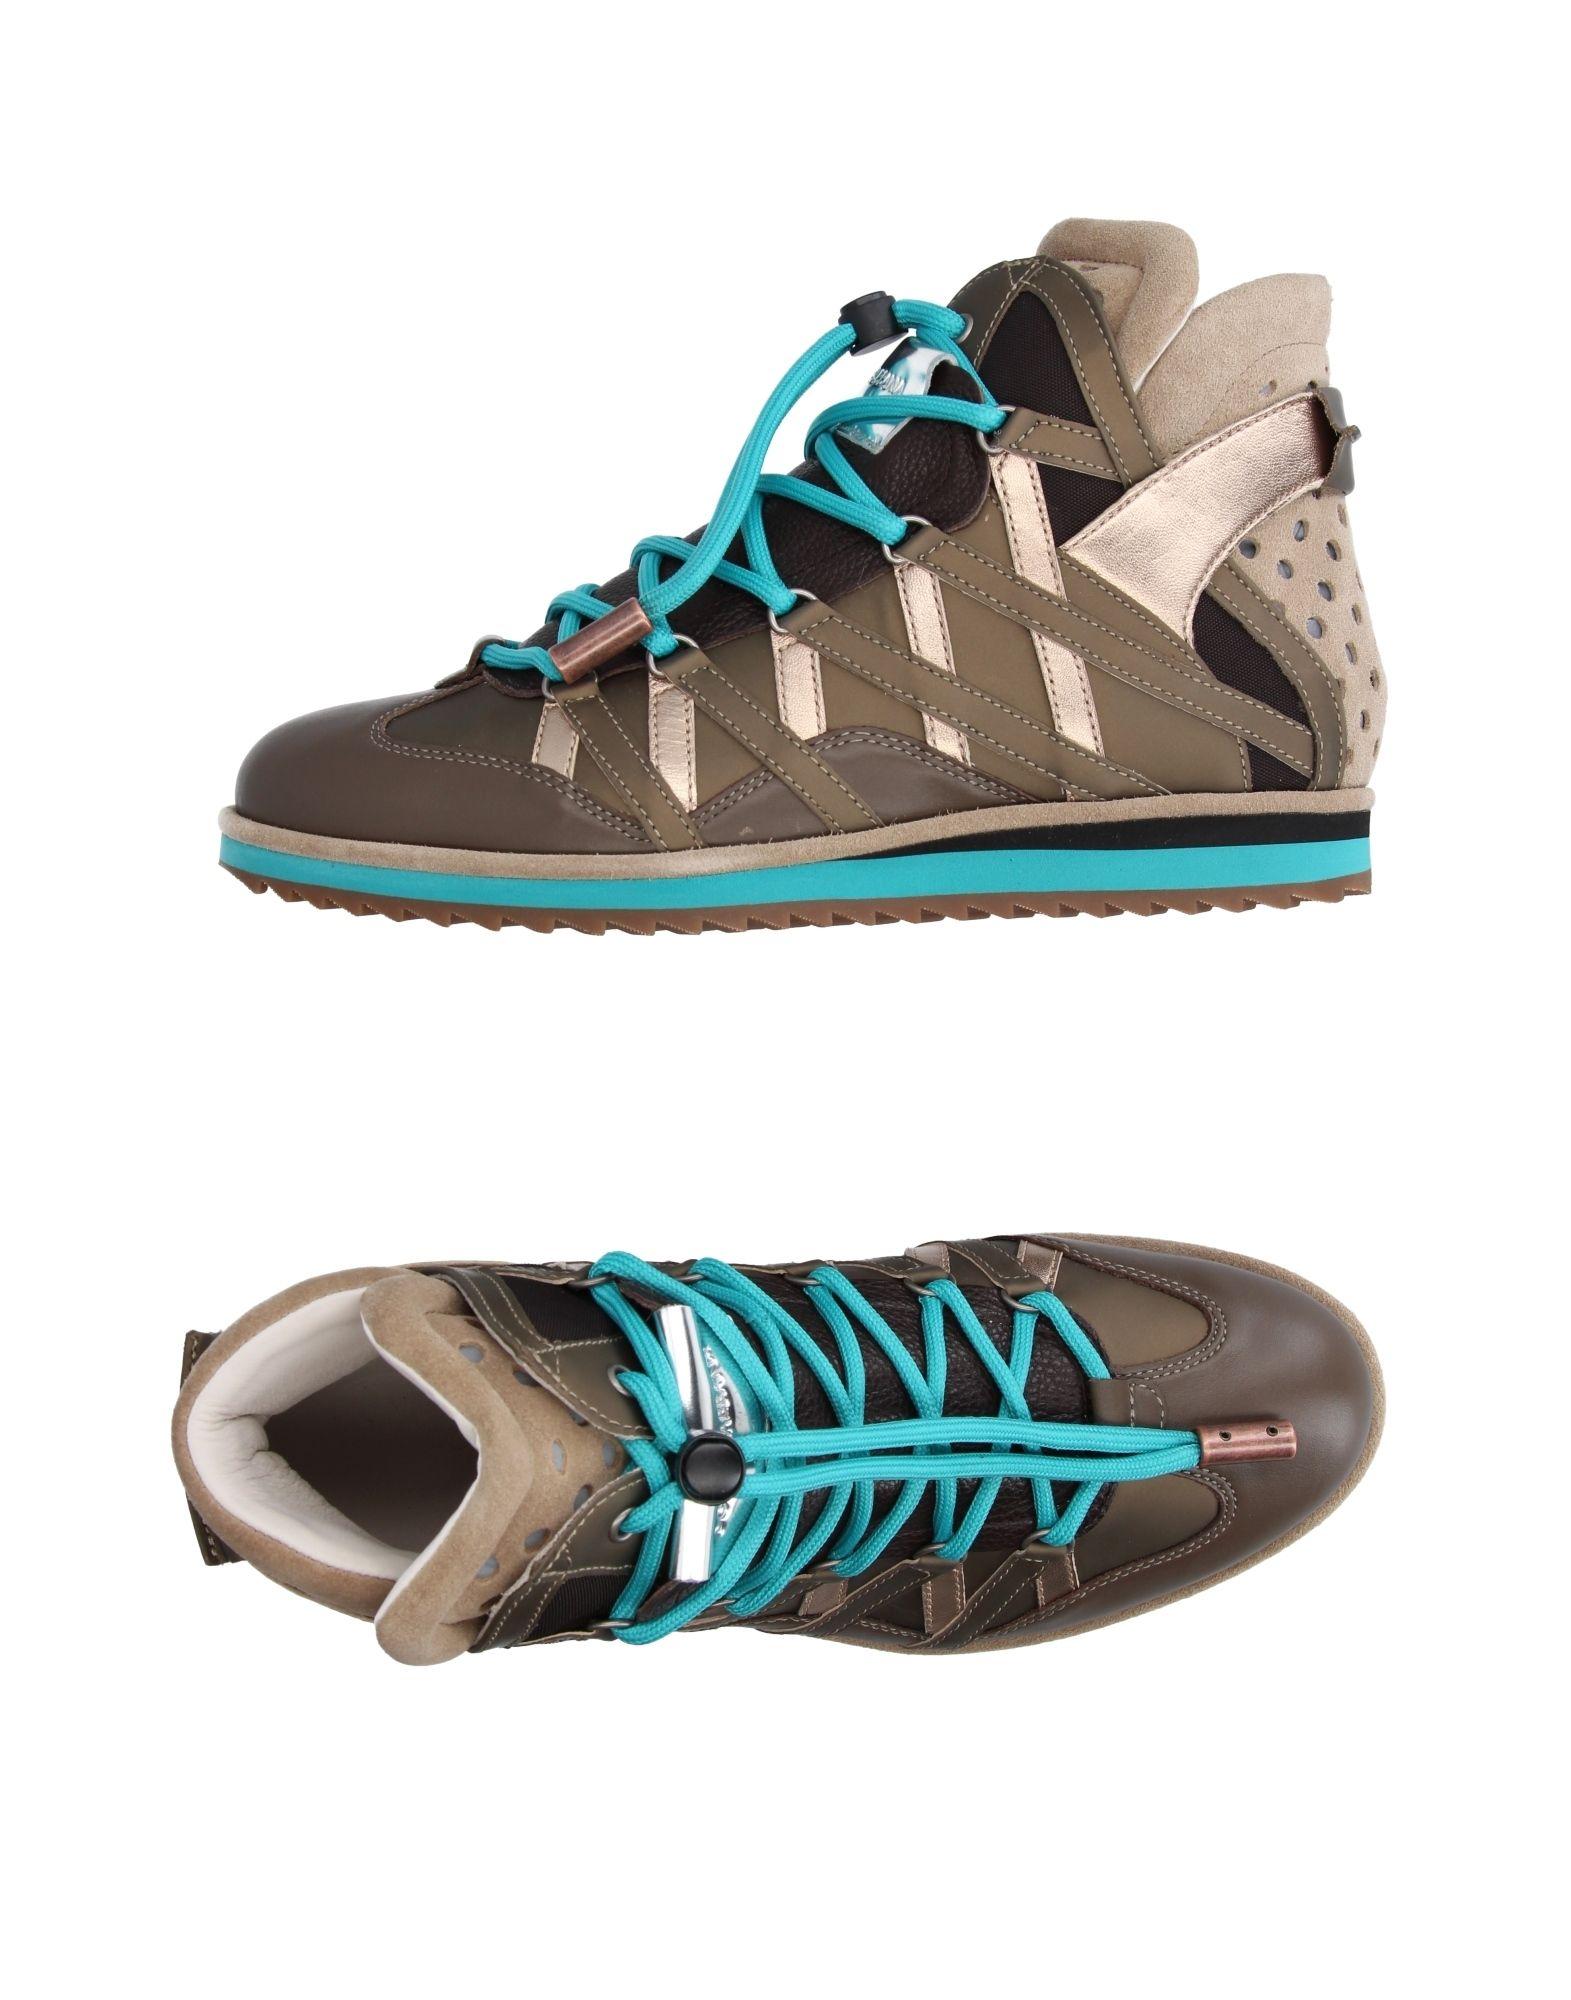 Scarpe economiche Dolce e resistenti Sneakers Dolce economiche & Gabbana Uomo 6d6443